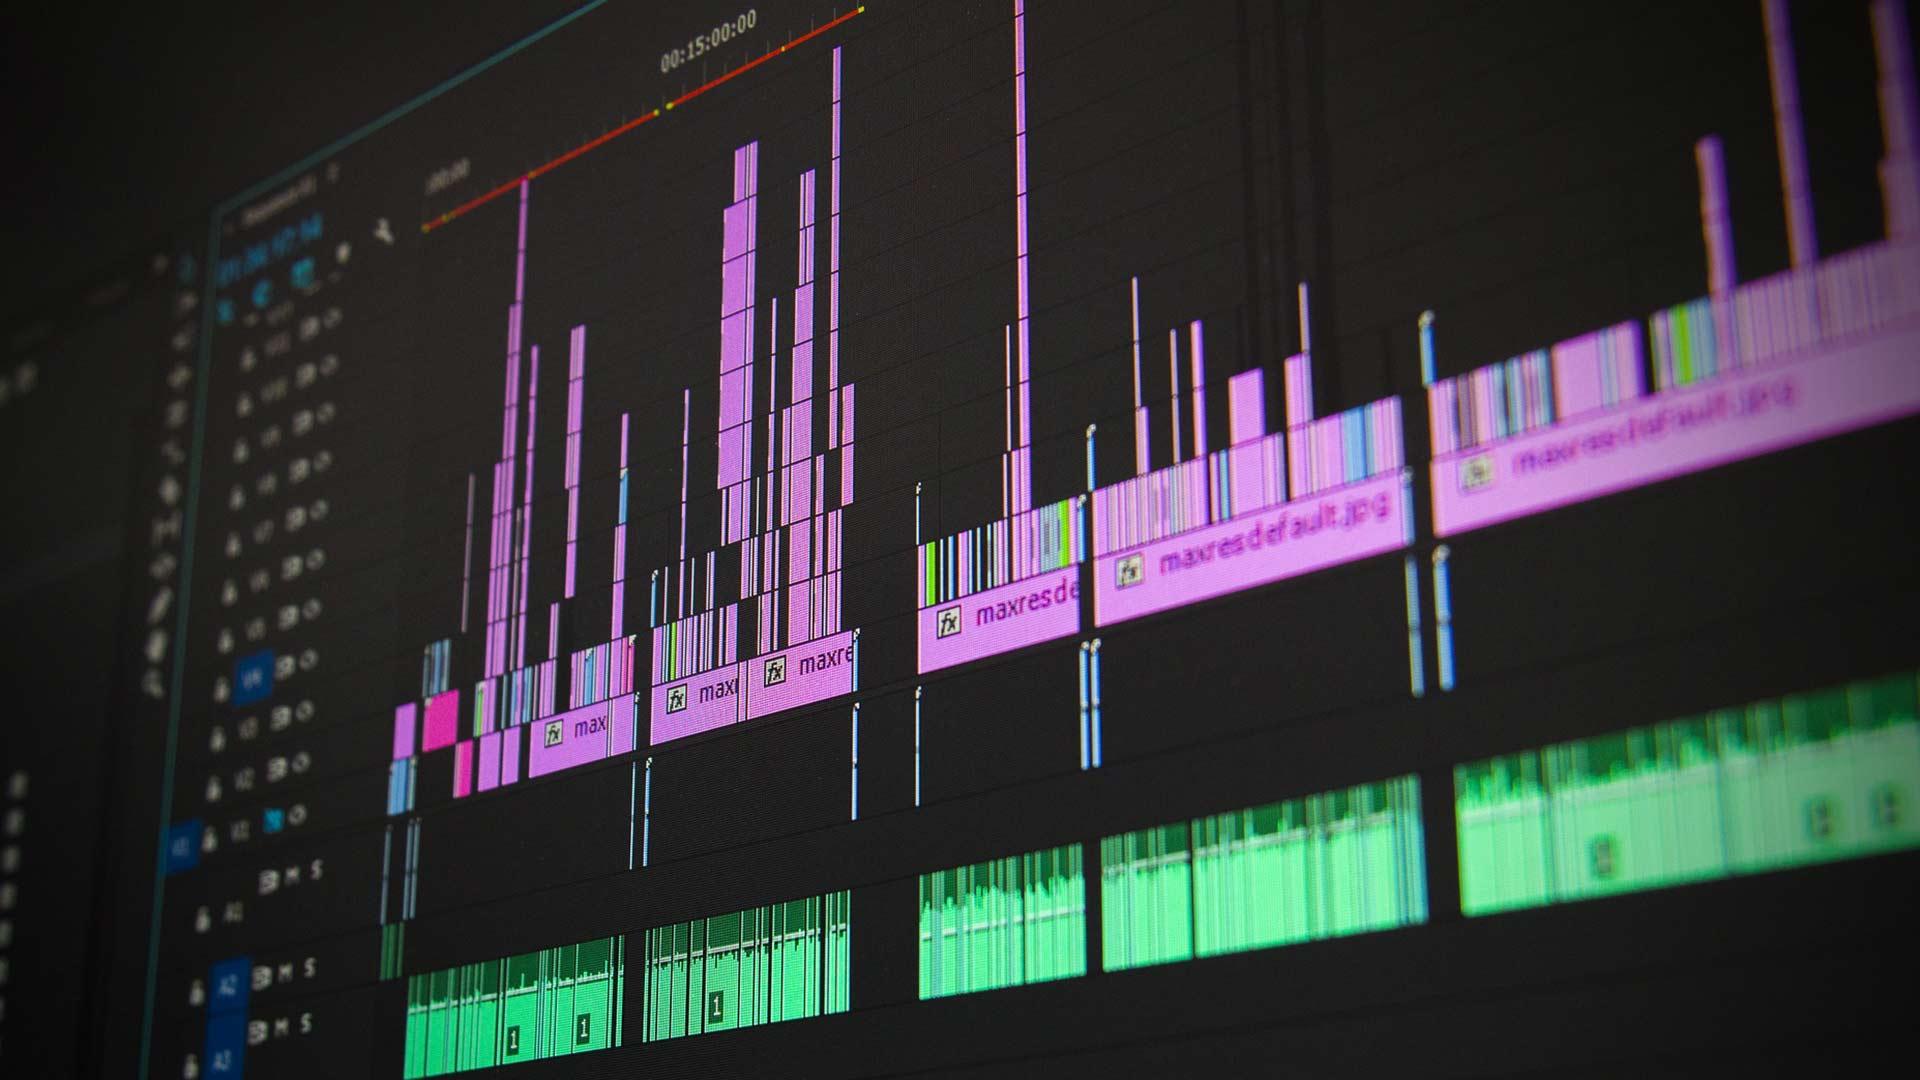 Edición en video